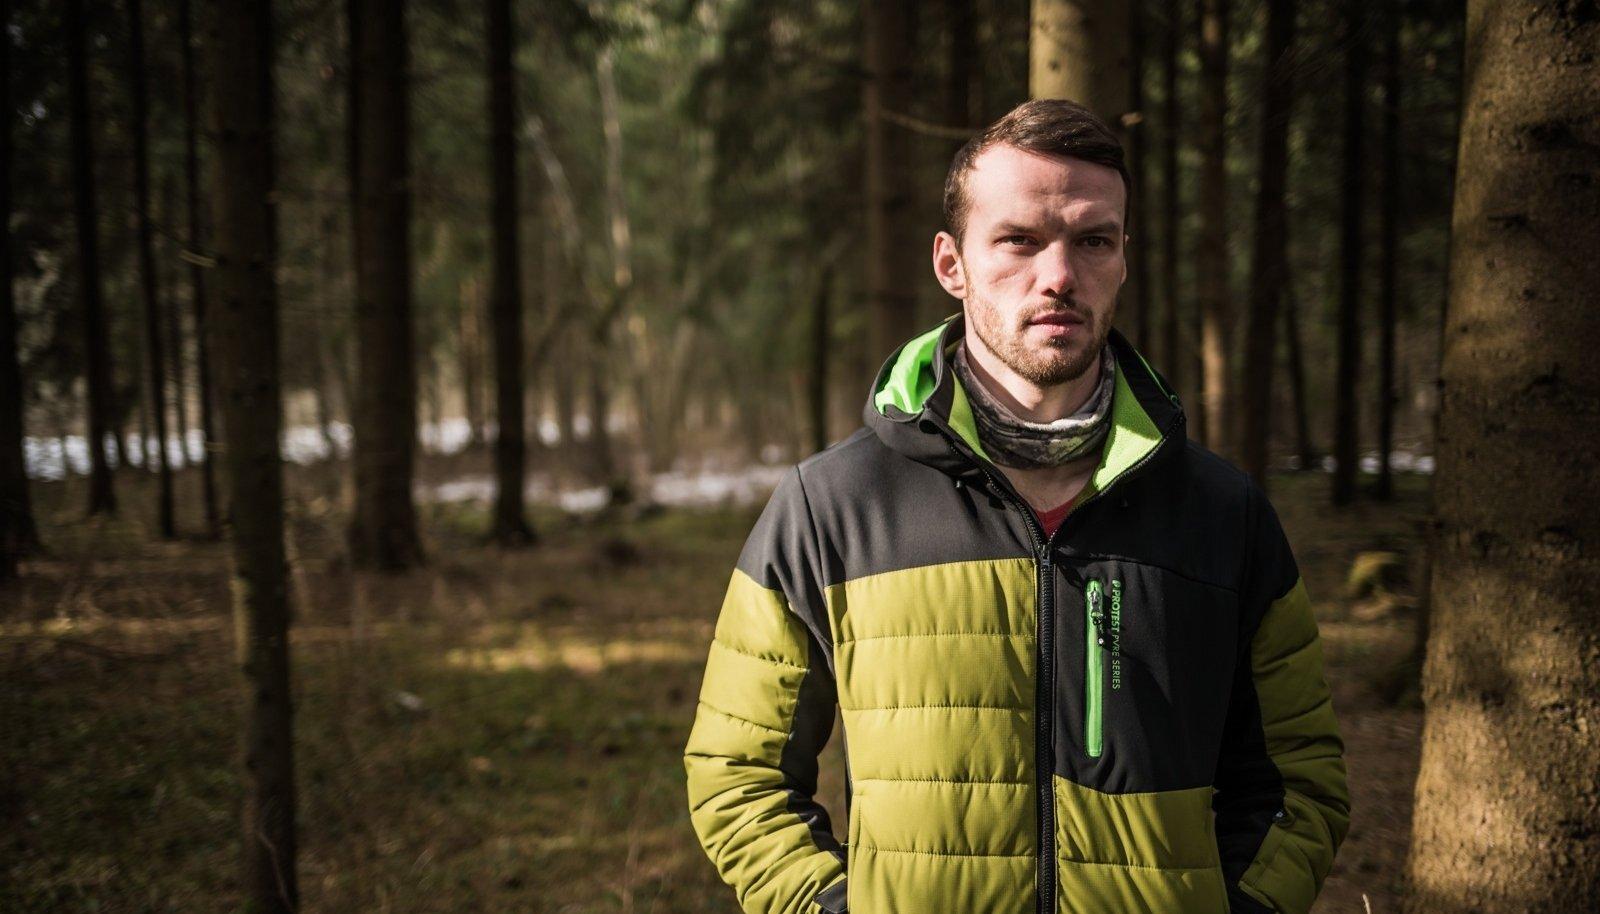 """""""Skandinaavia vaikust"""" ei saanud ühe jutiga filmida, räägib Reimo Sagor. """"Esimesel võttepäeval sadas maha lumi, mis pärast pooli võtteid sulas. Nii lükkus edasine filmimine järgmisse talve."""""""